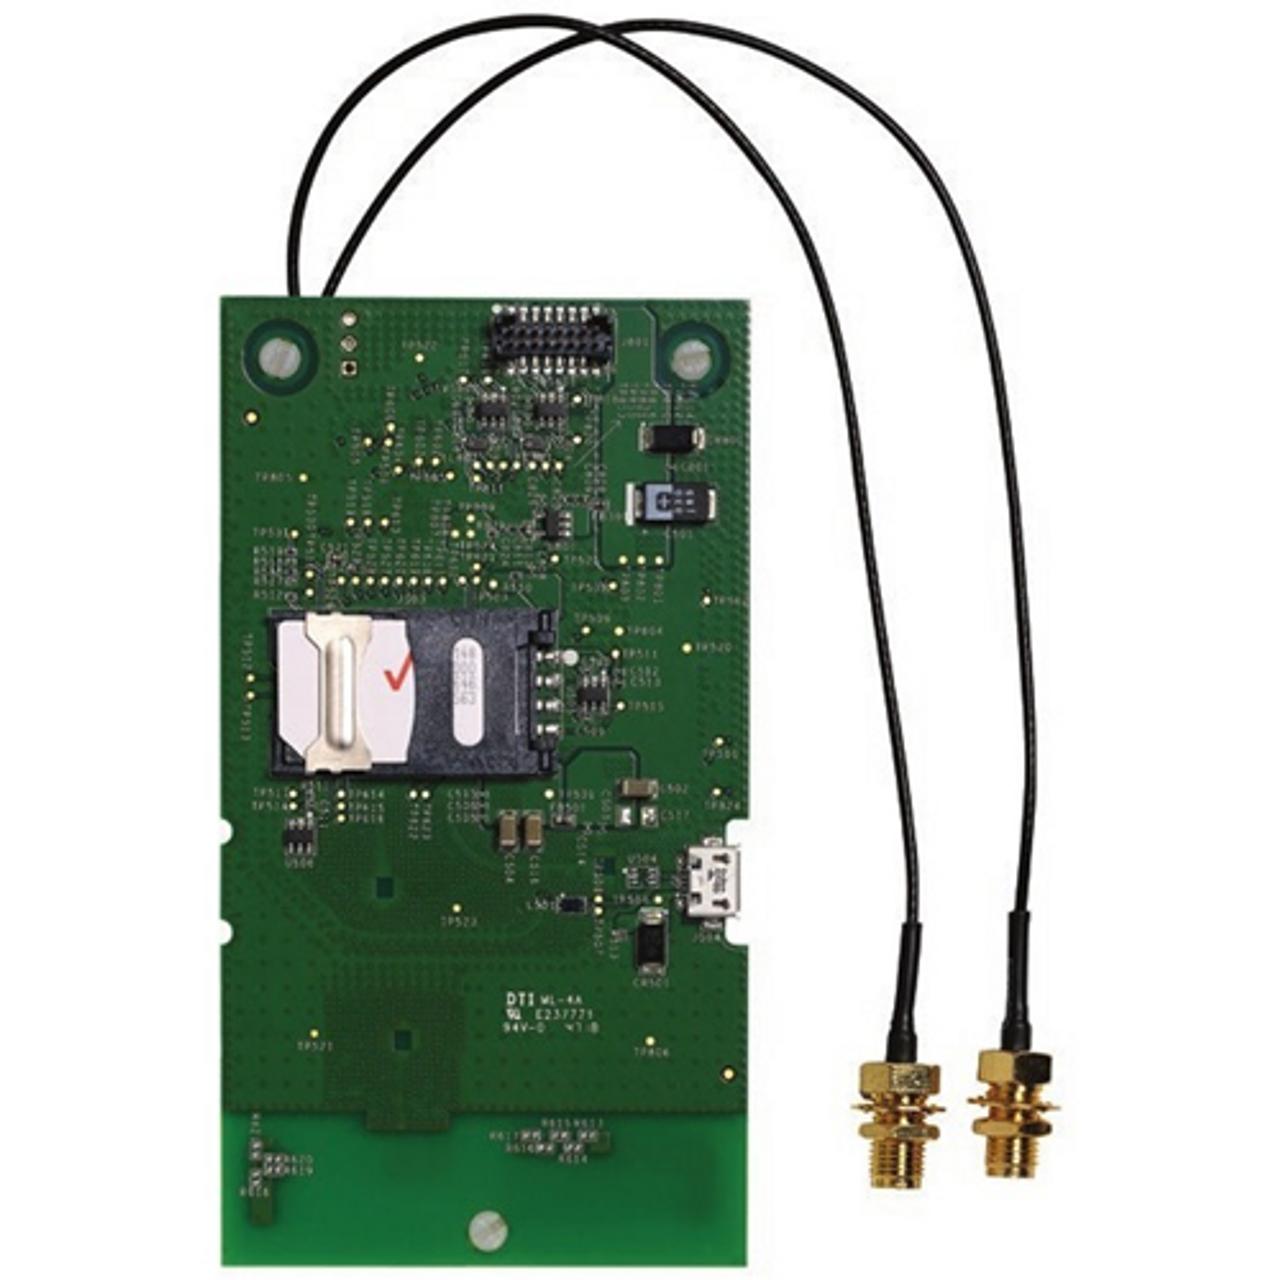 Honeywell LTE-21V LTE Kit for Vista-21IPLTE